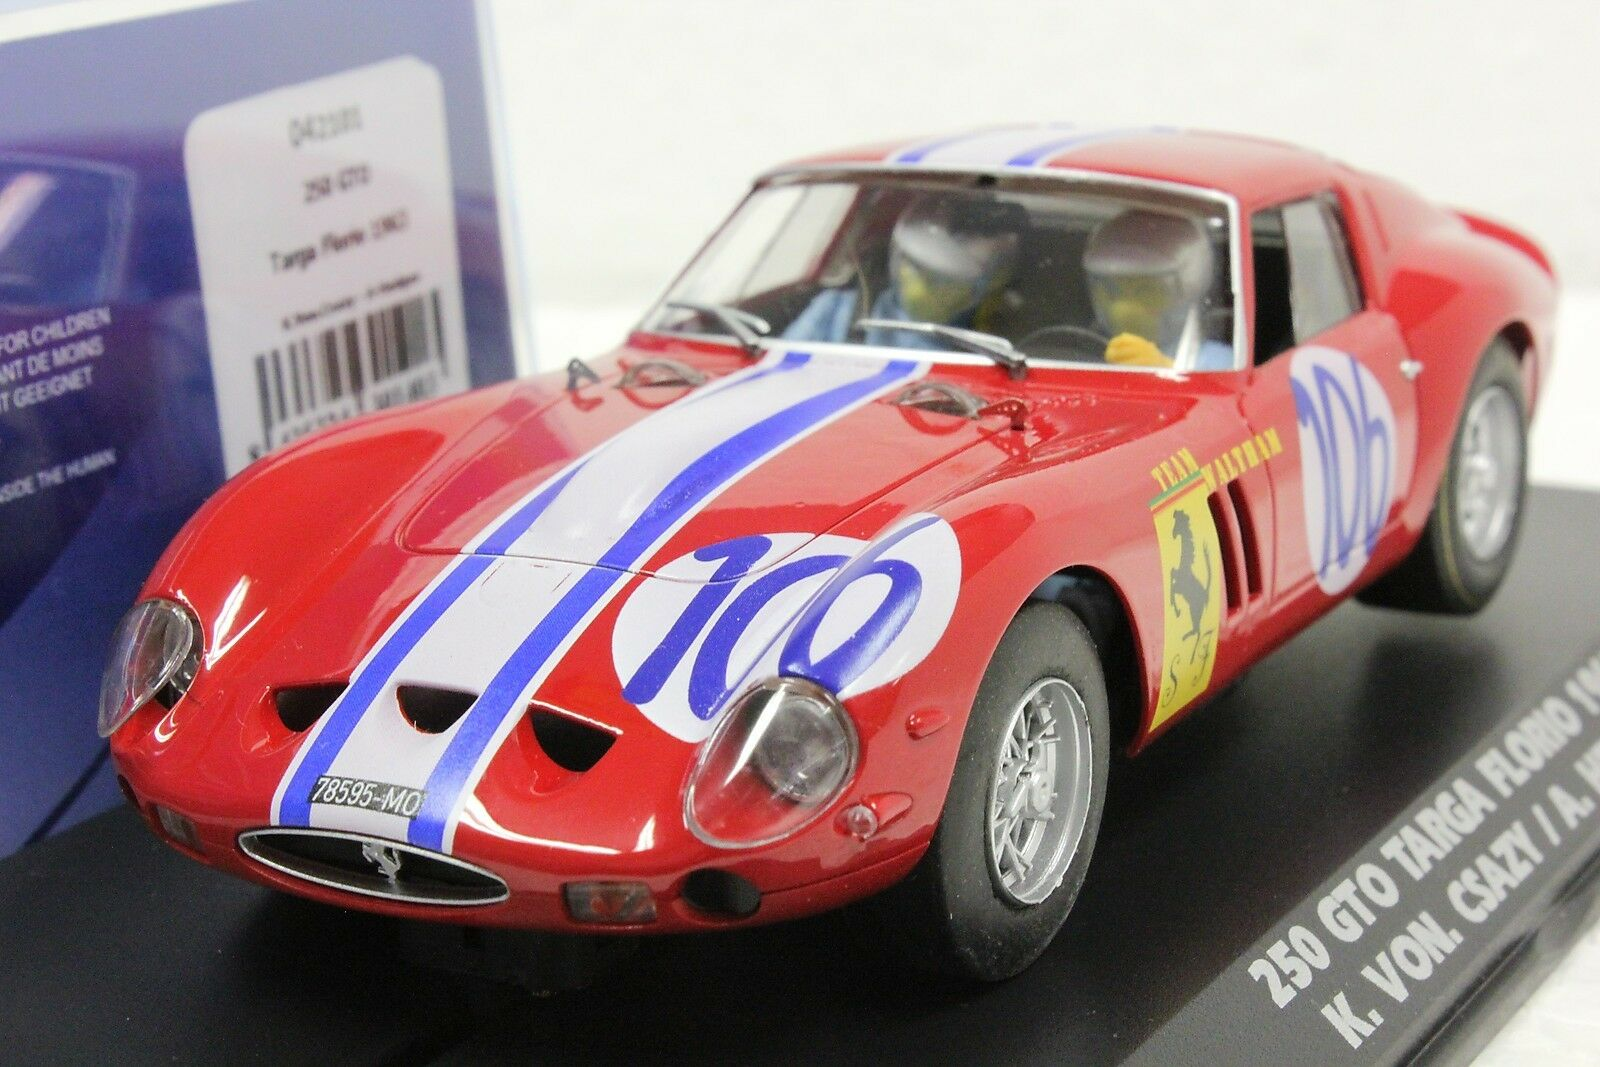 Fly 042101 Ferrari 250 Gto Targa Florio 1963 nuevo 1 32 Slot Coche en caso de exhibición